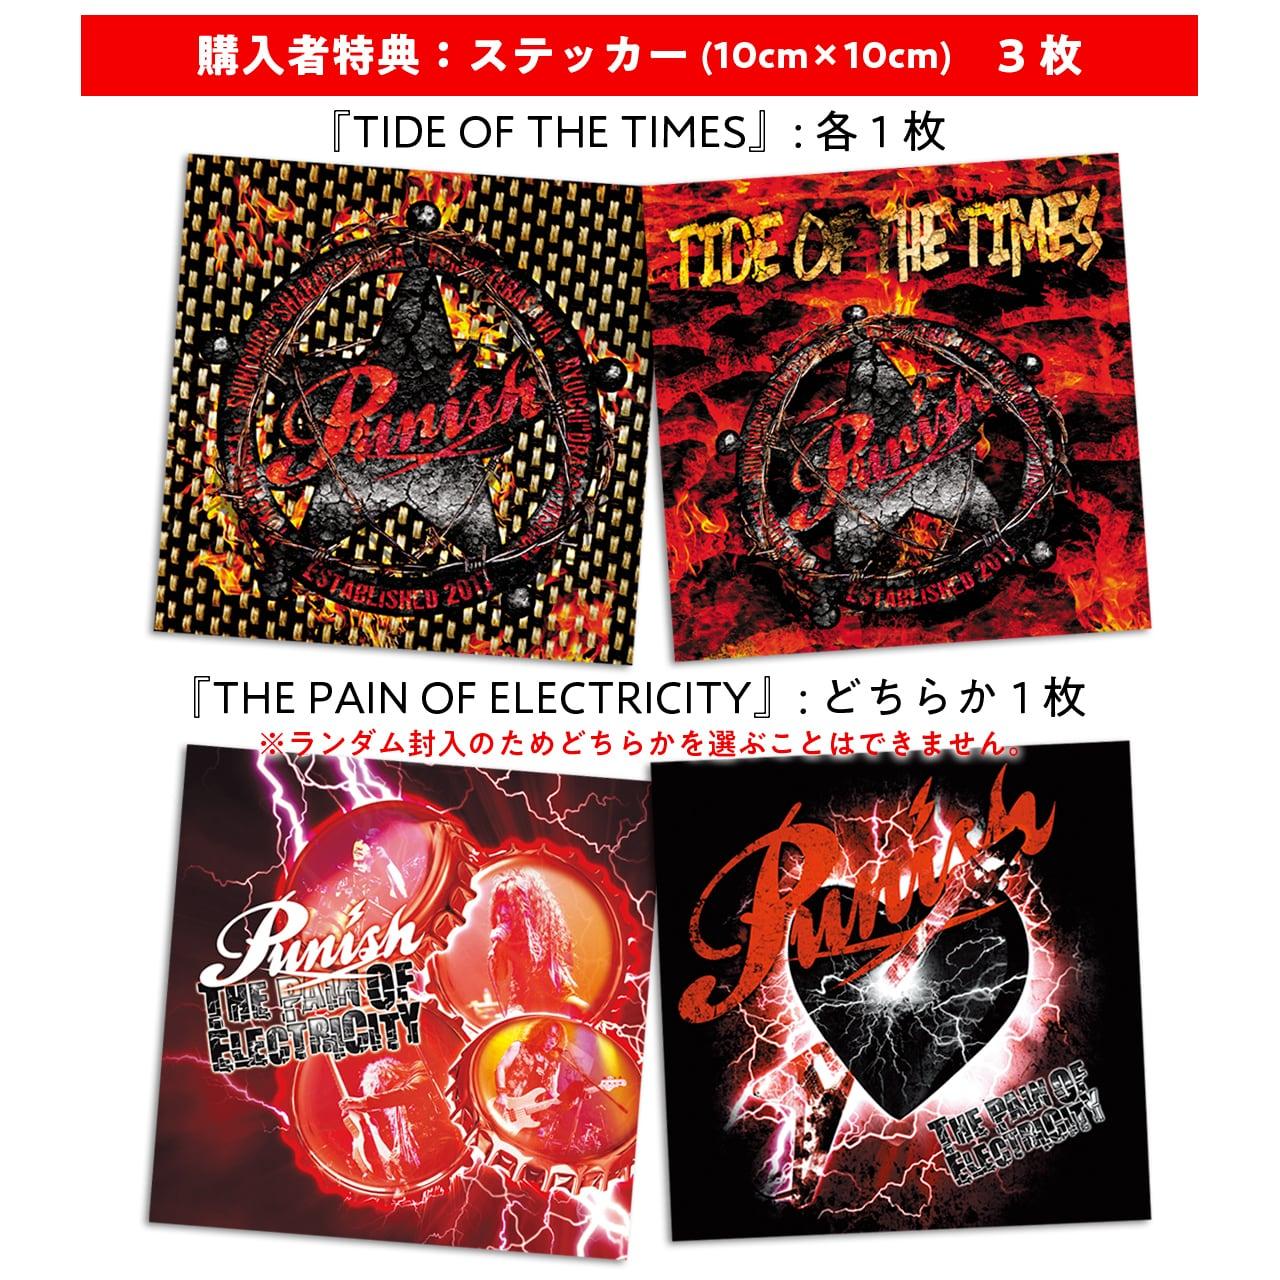 再プレス☆CD:『THE PAIN OF ELECTRICITY』Punish - 画像2